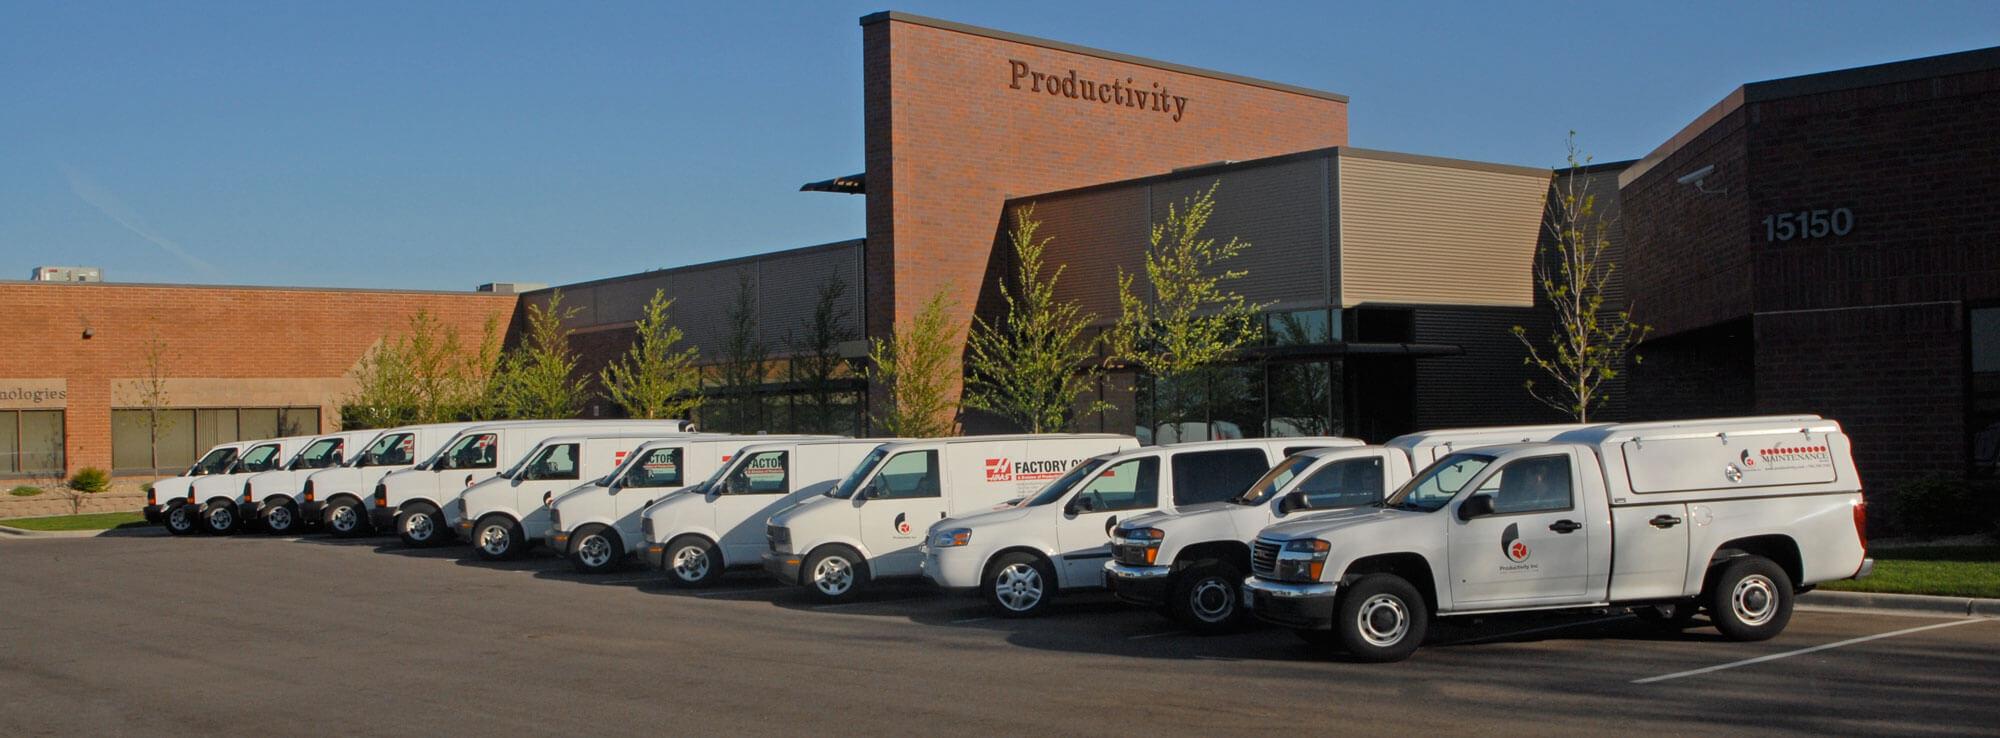 Productivity Service Vans